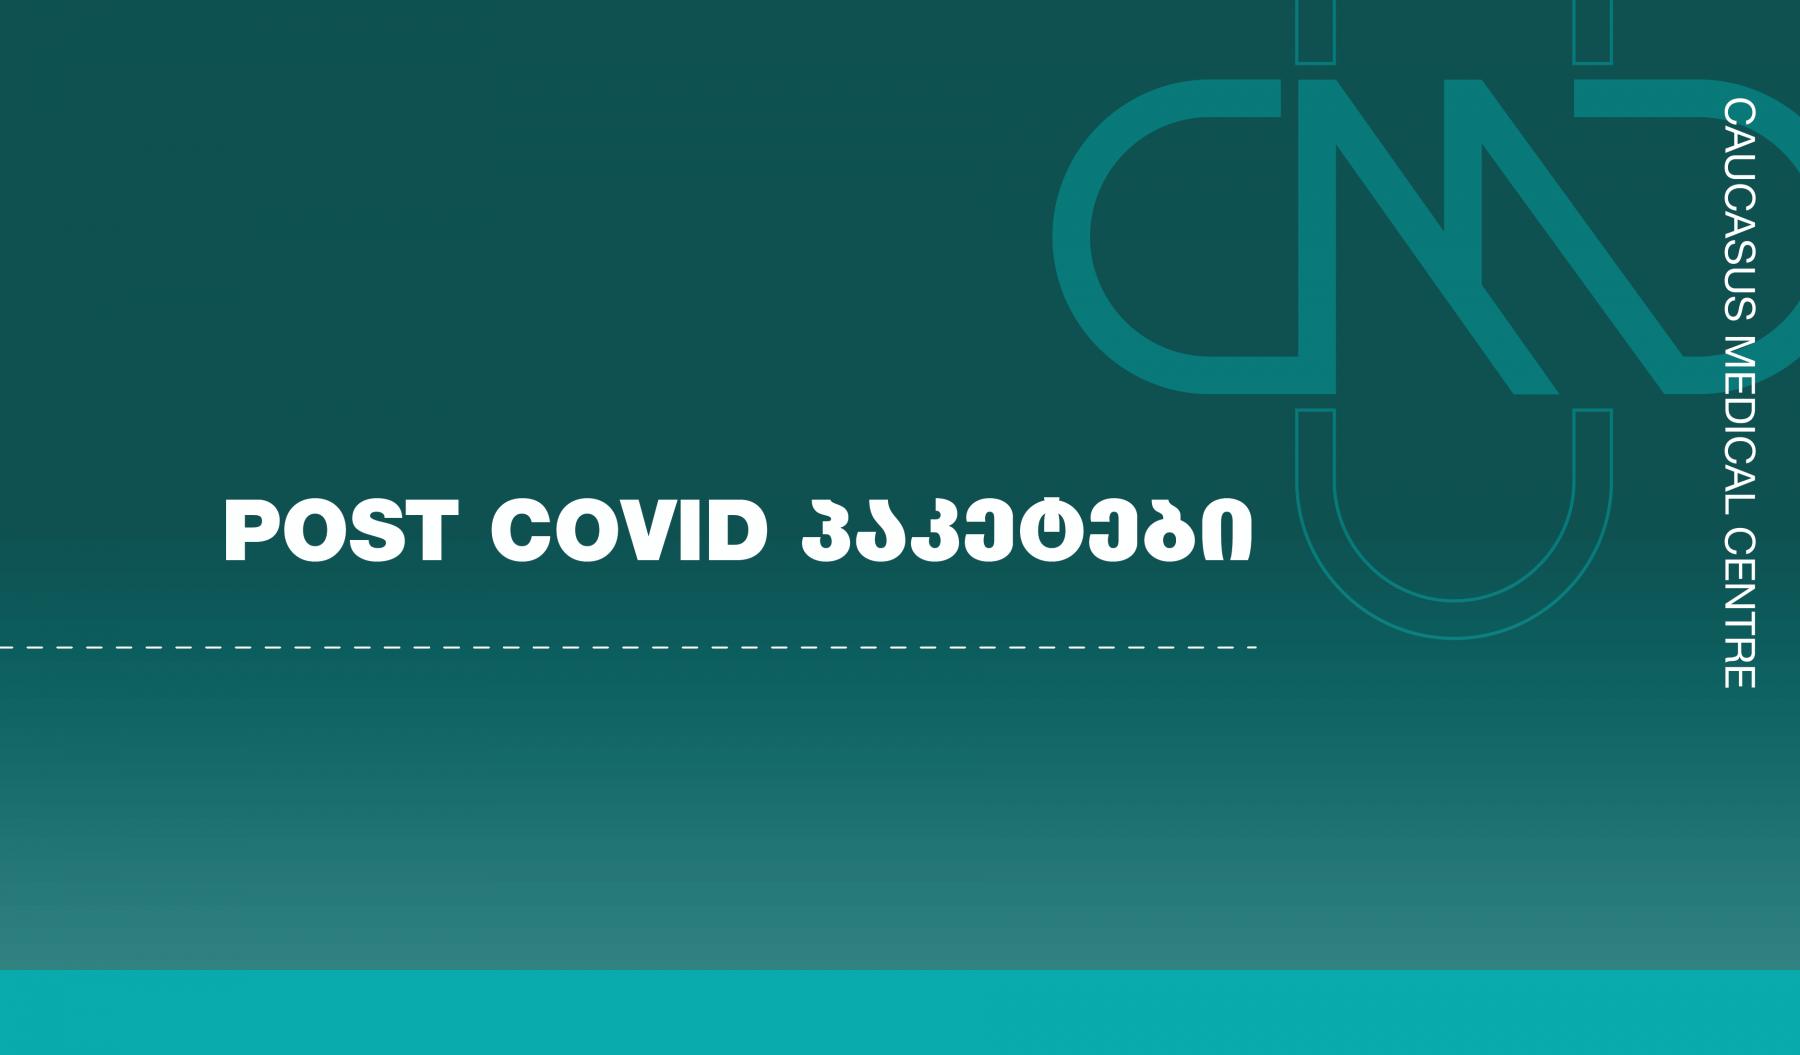 POST COVID პაკეტები